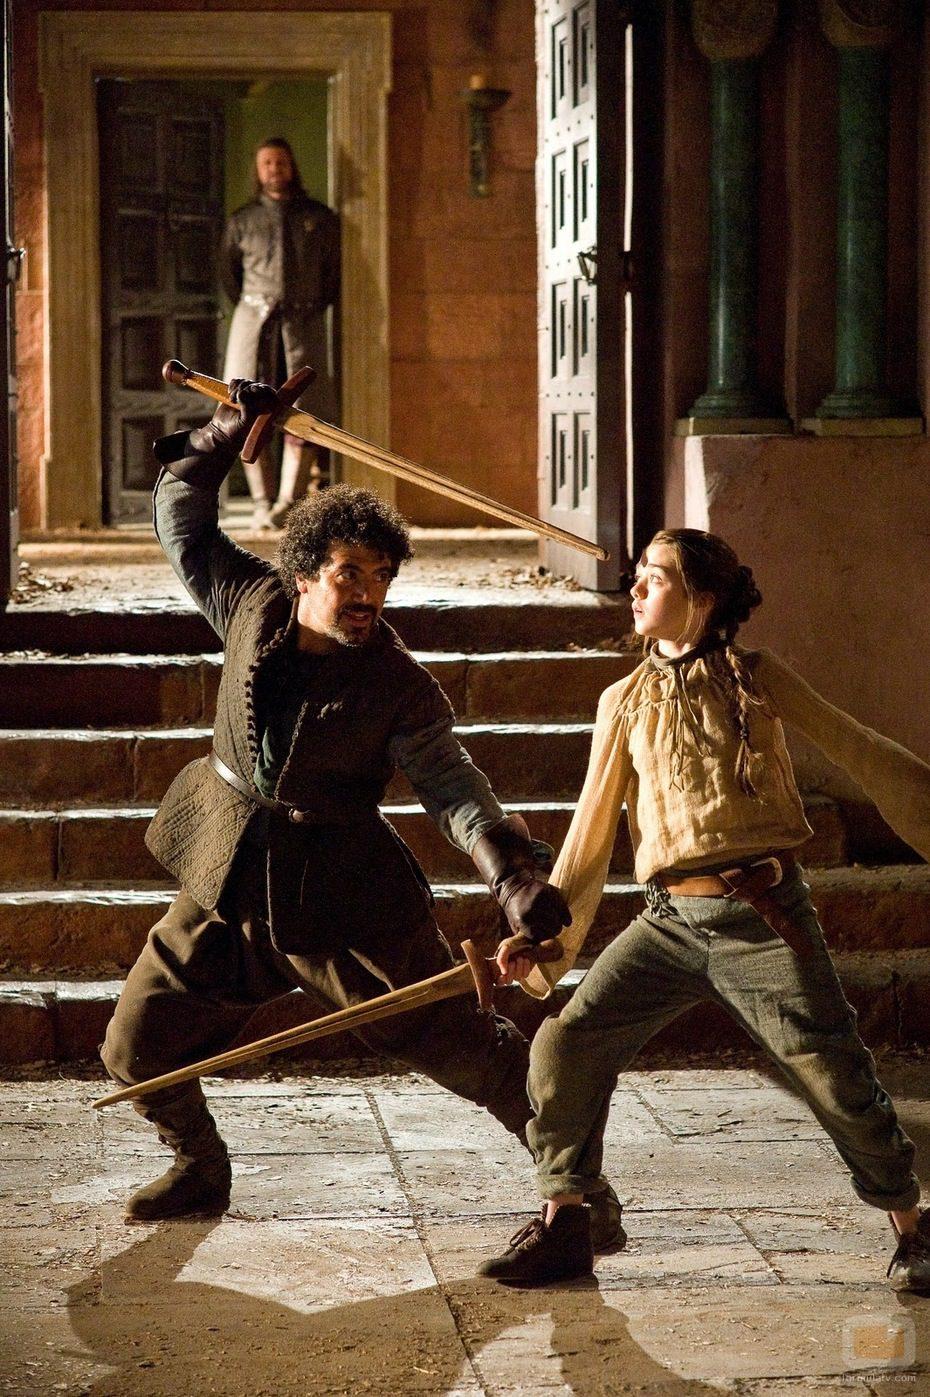 Syrio Forel le da clases a Arya Stark en 'Juego de tronos'